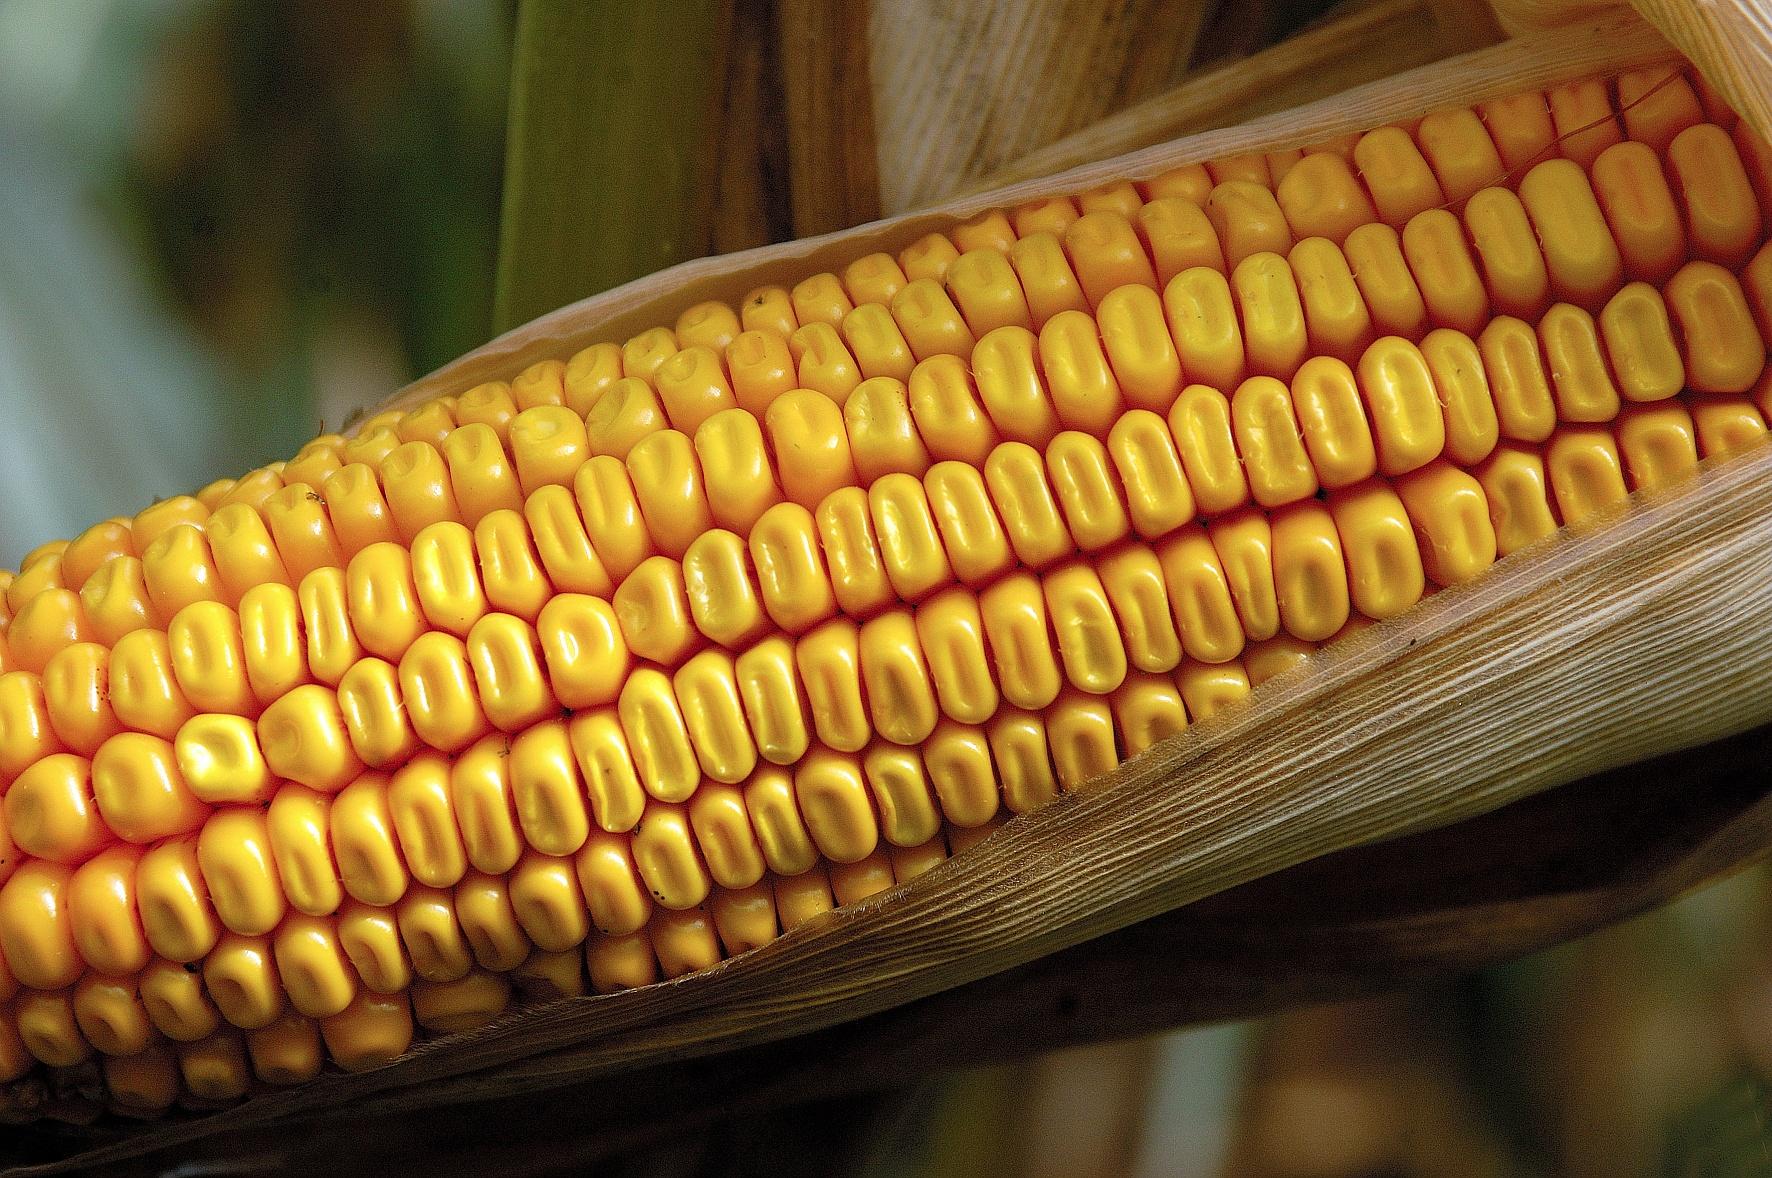 Jetzt ertragsstarke Sortenleistung sichern und Saatgutkosten sparen